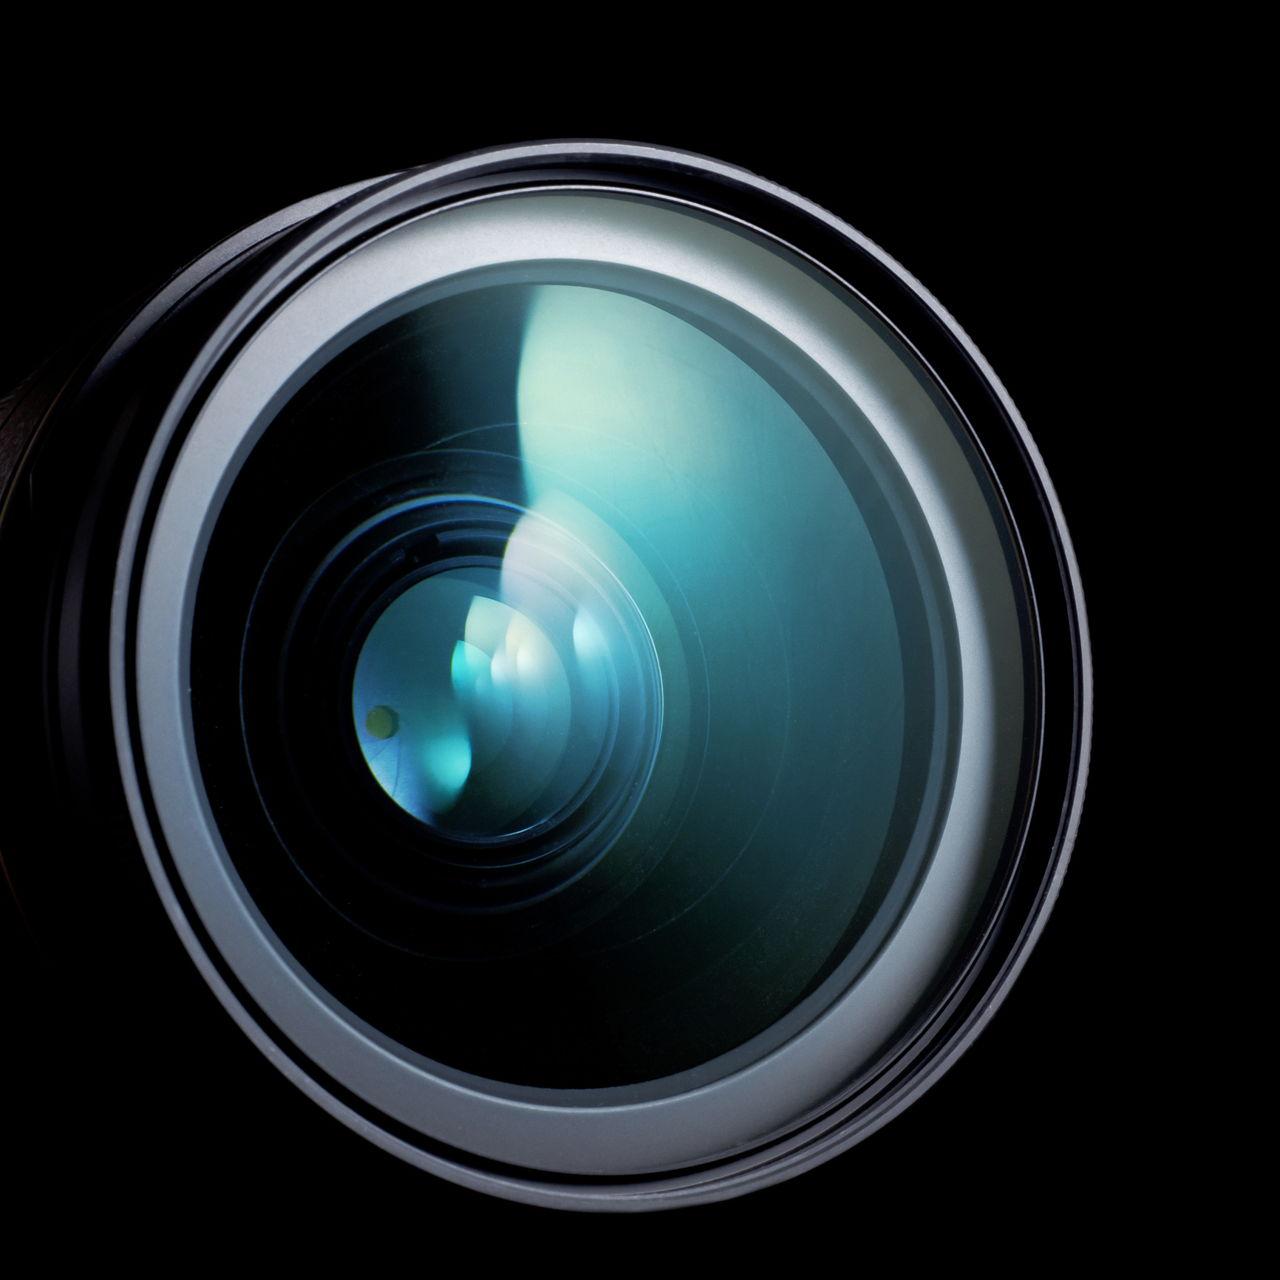 olloclip 4-IN-1 Vs. olloclip 3-IN-1 Lenses for iPhone